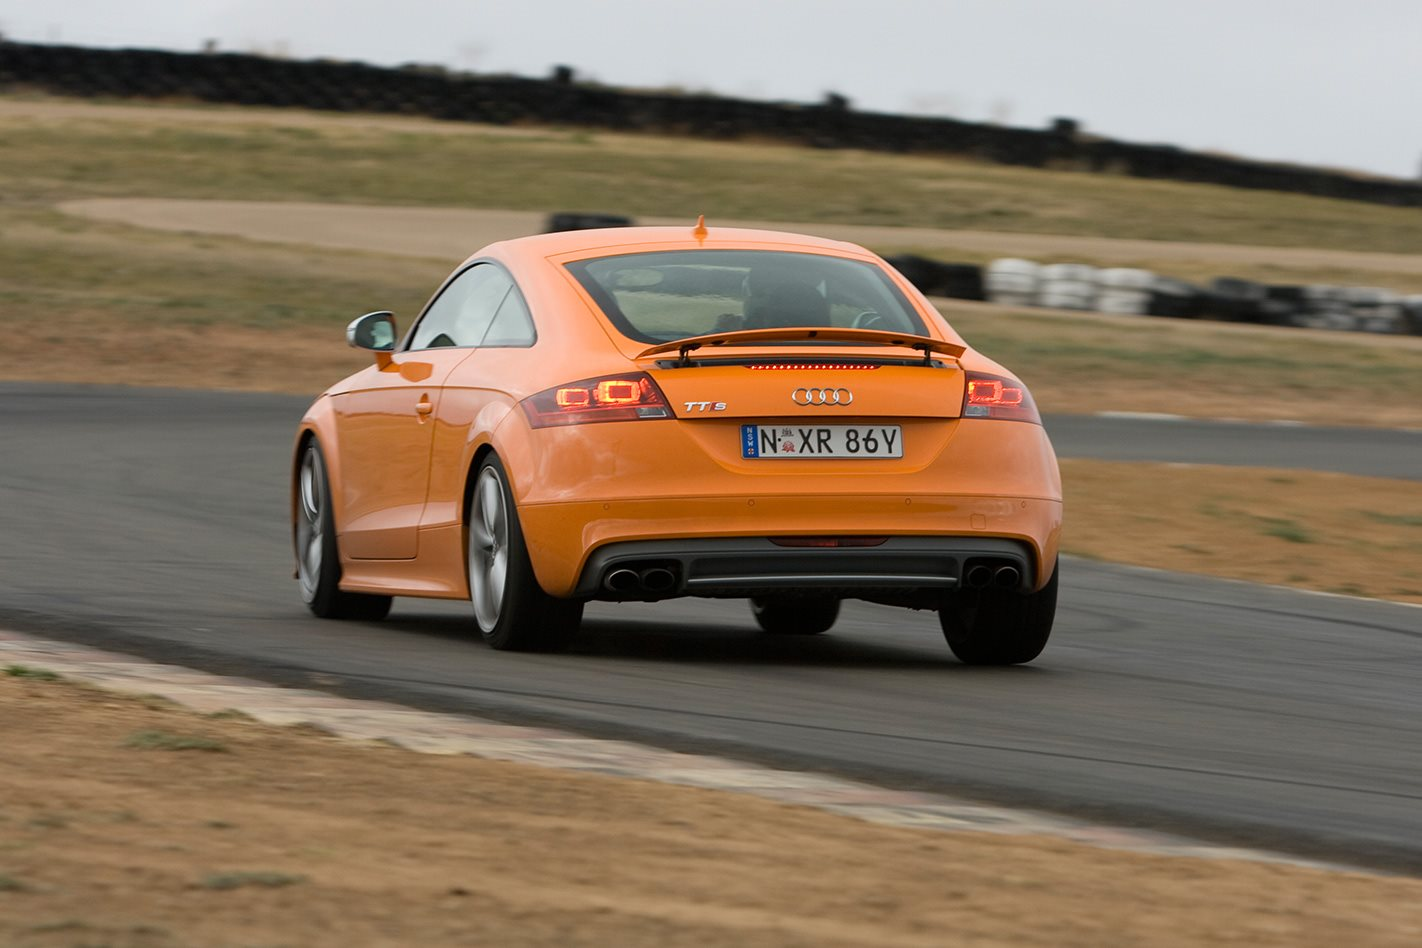 2008-Audi-TT-rear.jpg